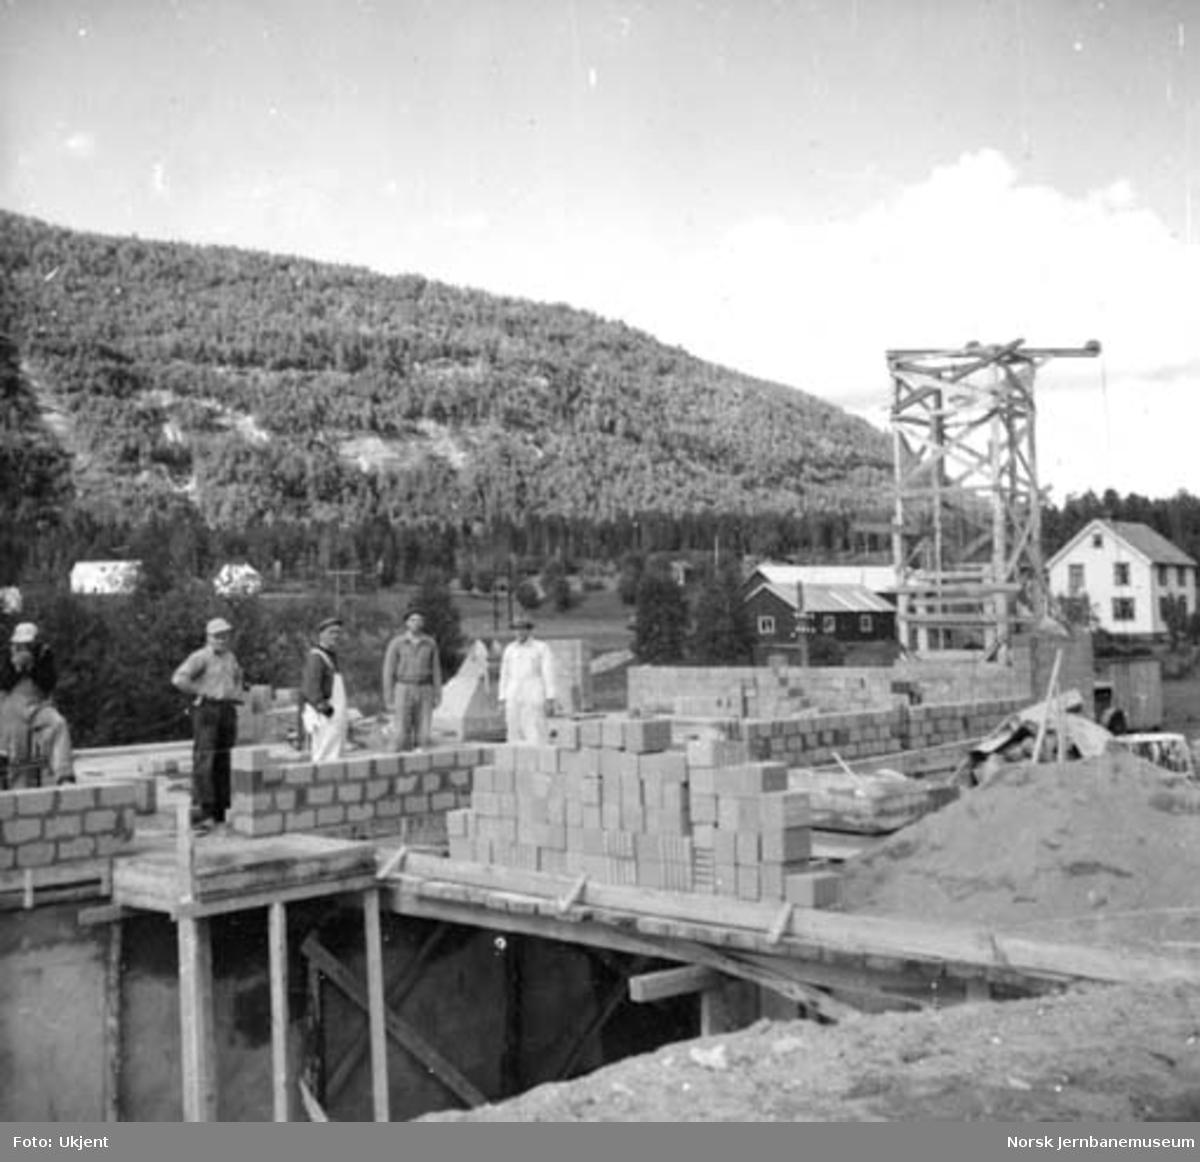 Røkland (Saltdal) stasjon under bygging